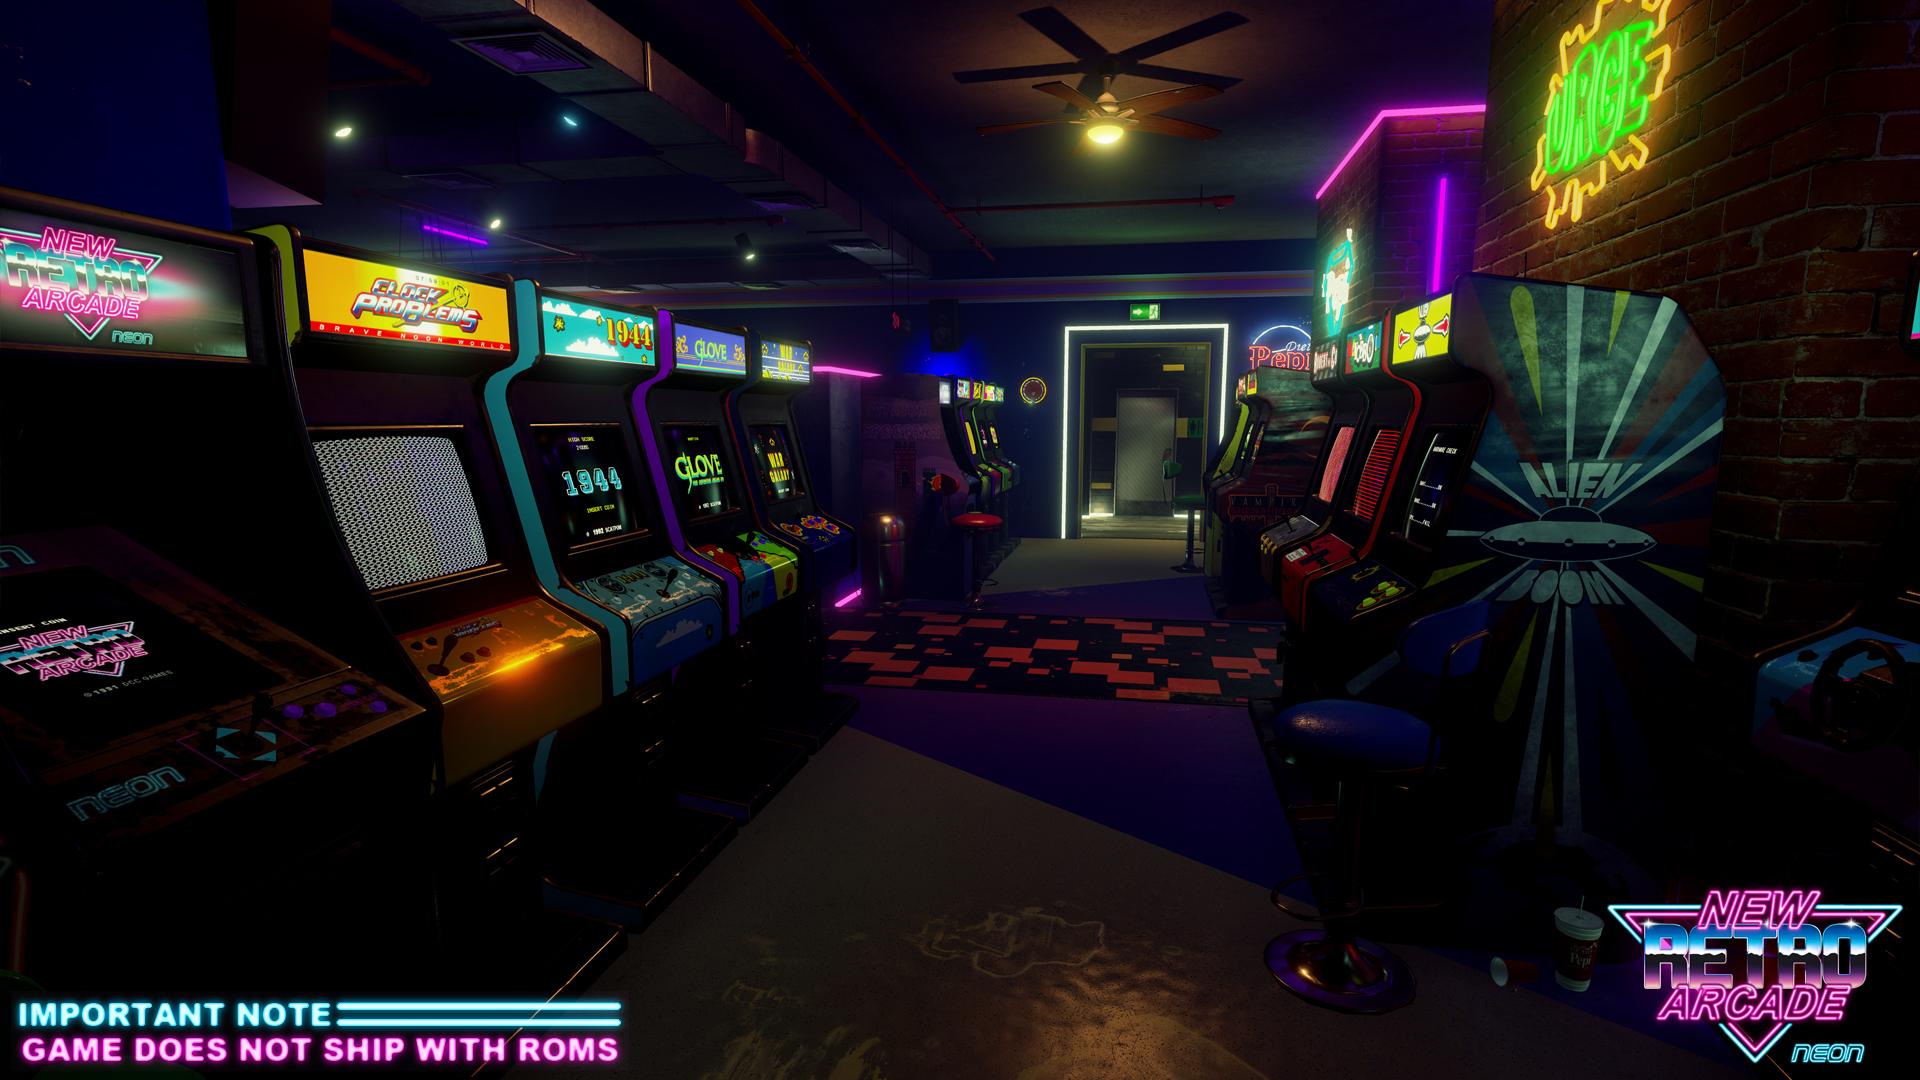 New Retro Arcade Neon Arcade Builder